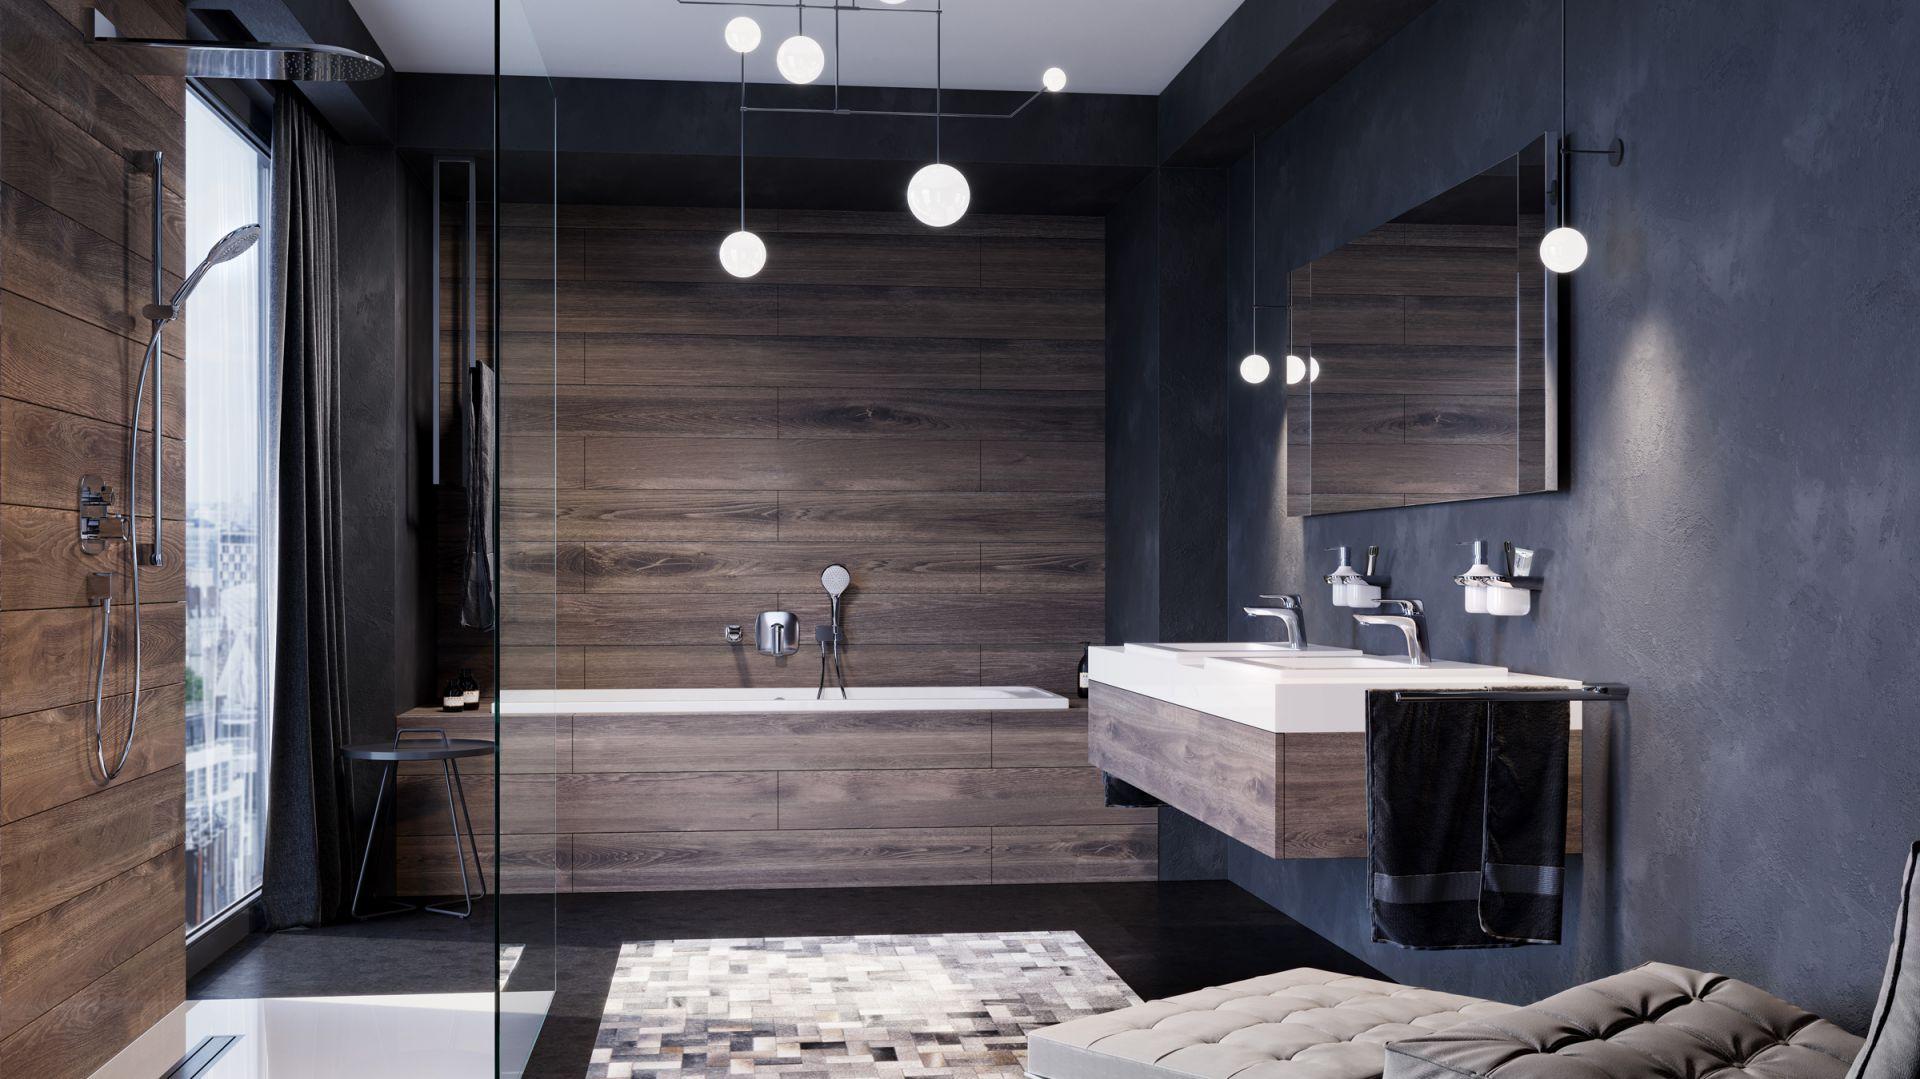 Projekt modnej łazienki - nowoczesna i kreatywna armatura